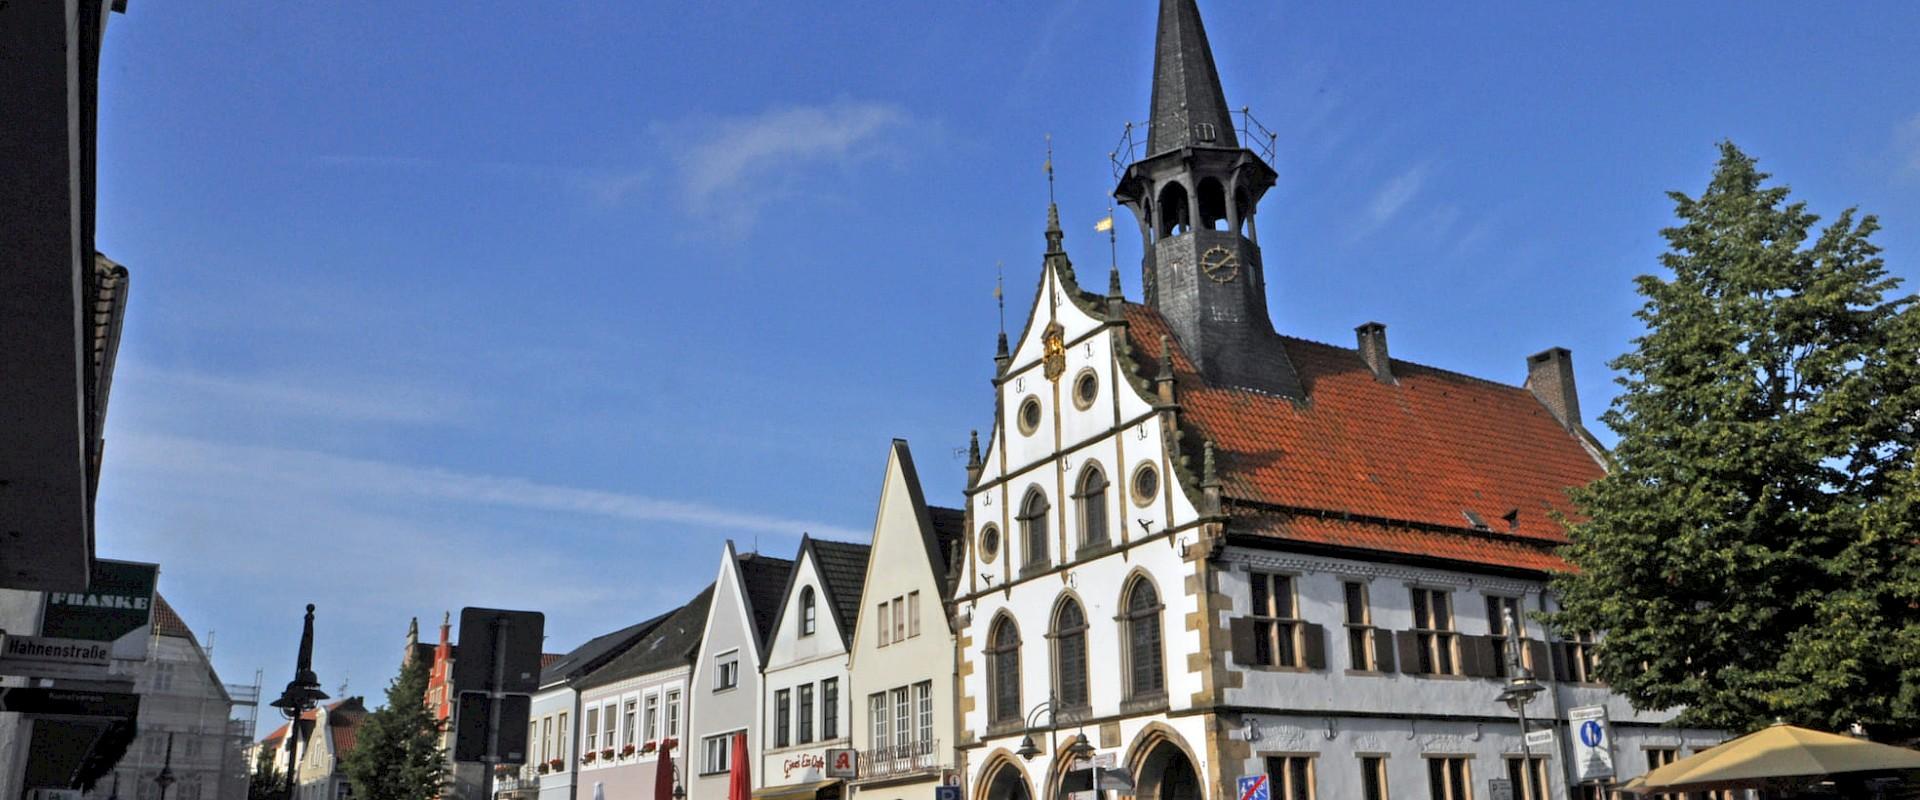 Steinfurt im Münsterland